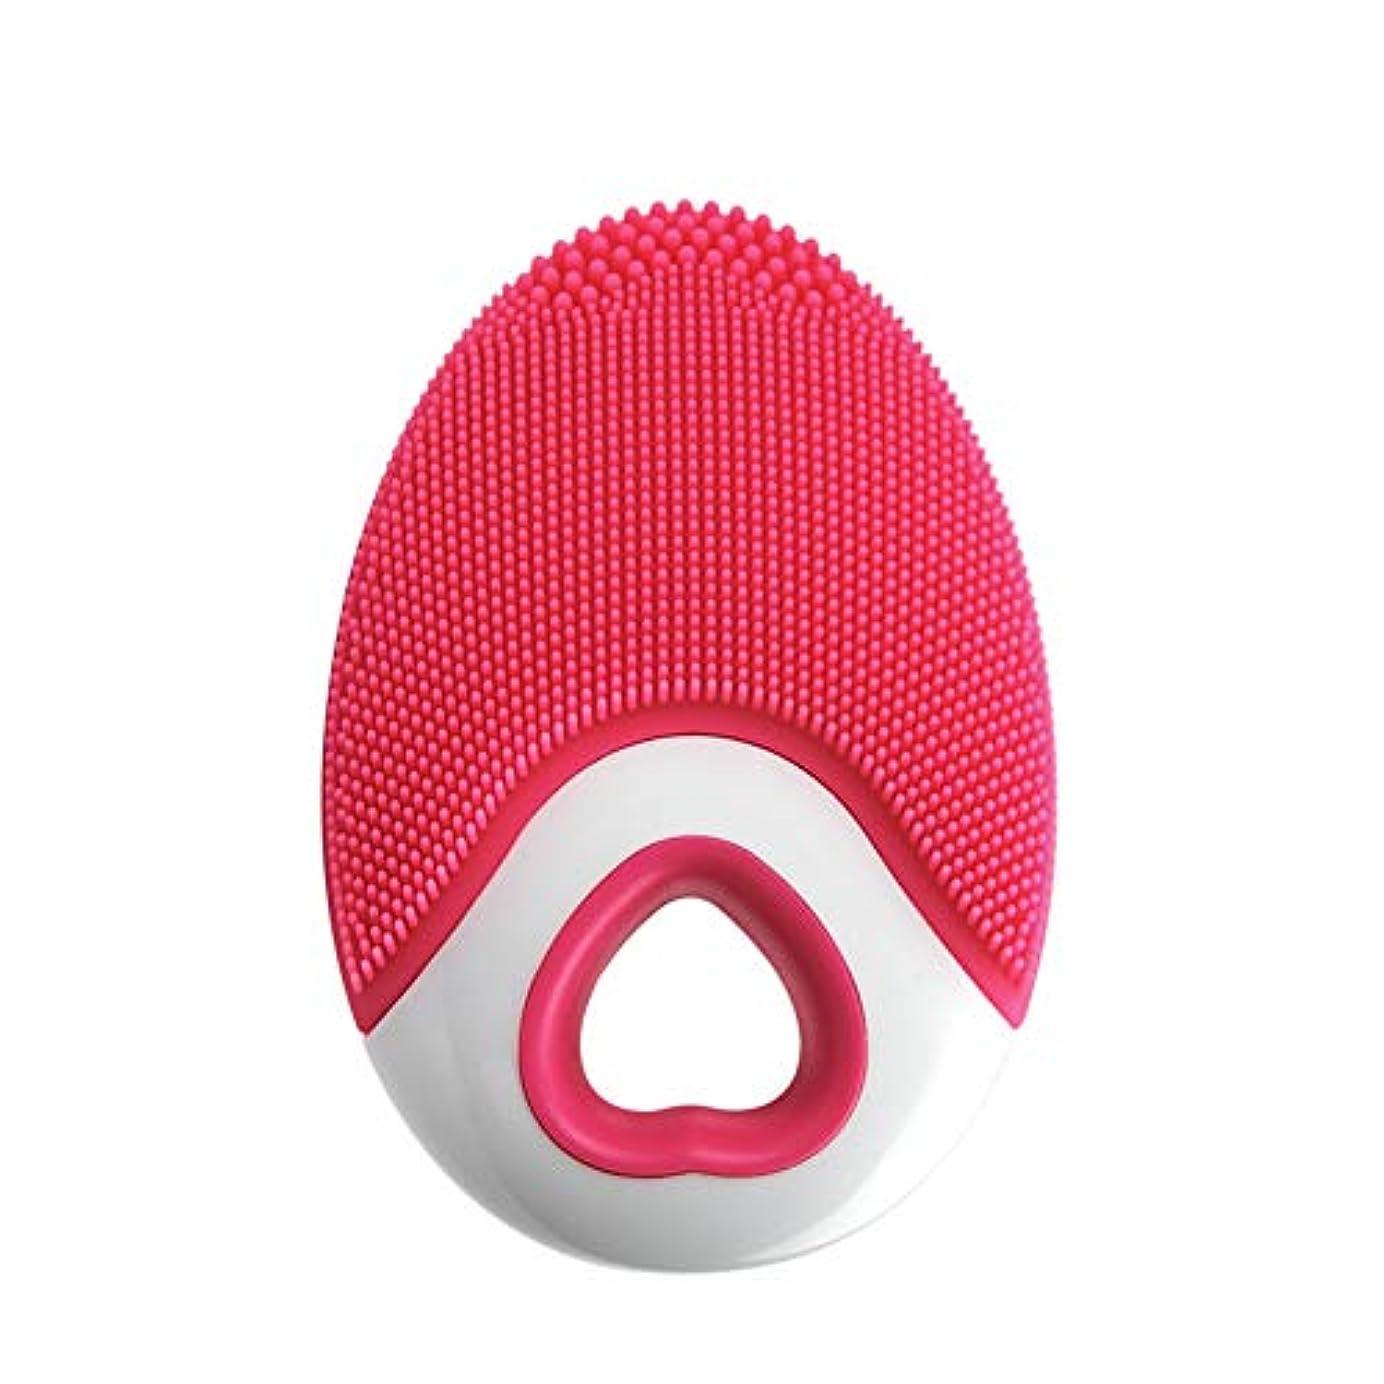 リスト苦情文句質素なAylincool   1ピースシリコンフェイスクレンザーブラシ超音波ディープクリーニング防水ワイヤレス充電